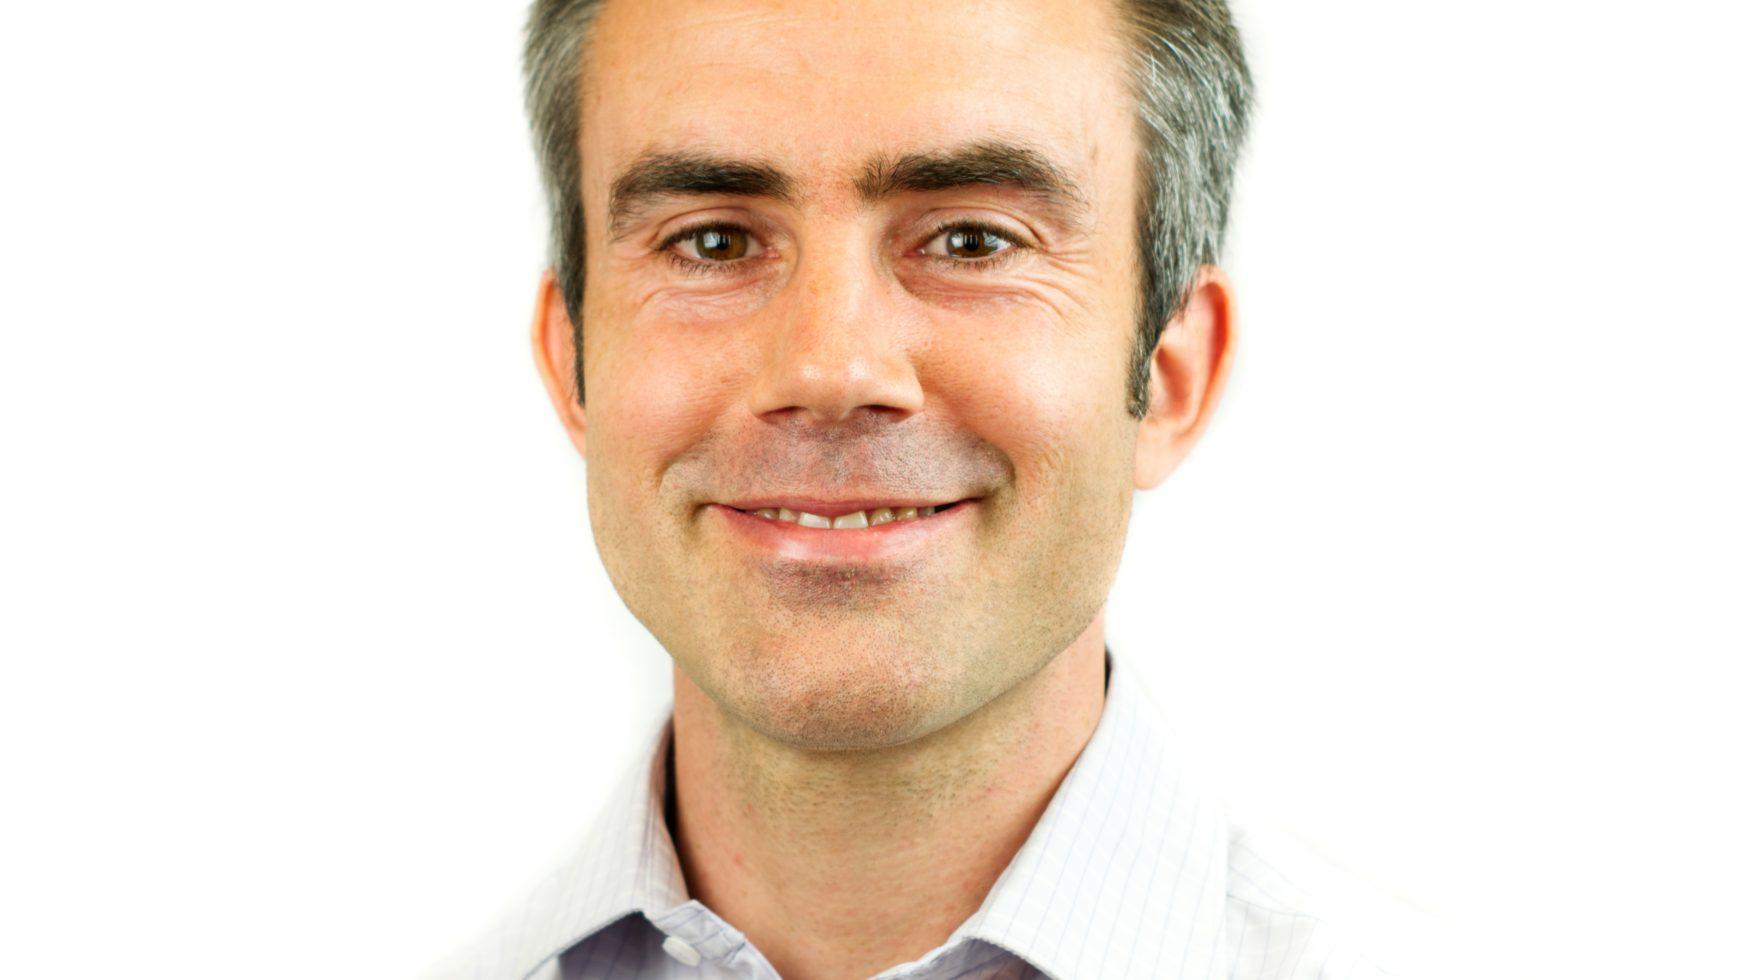 Paul Milner